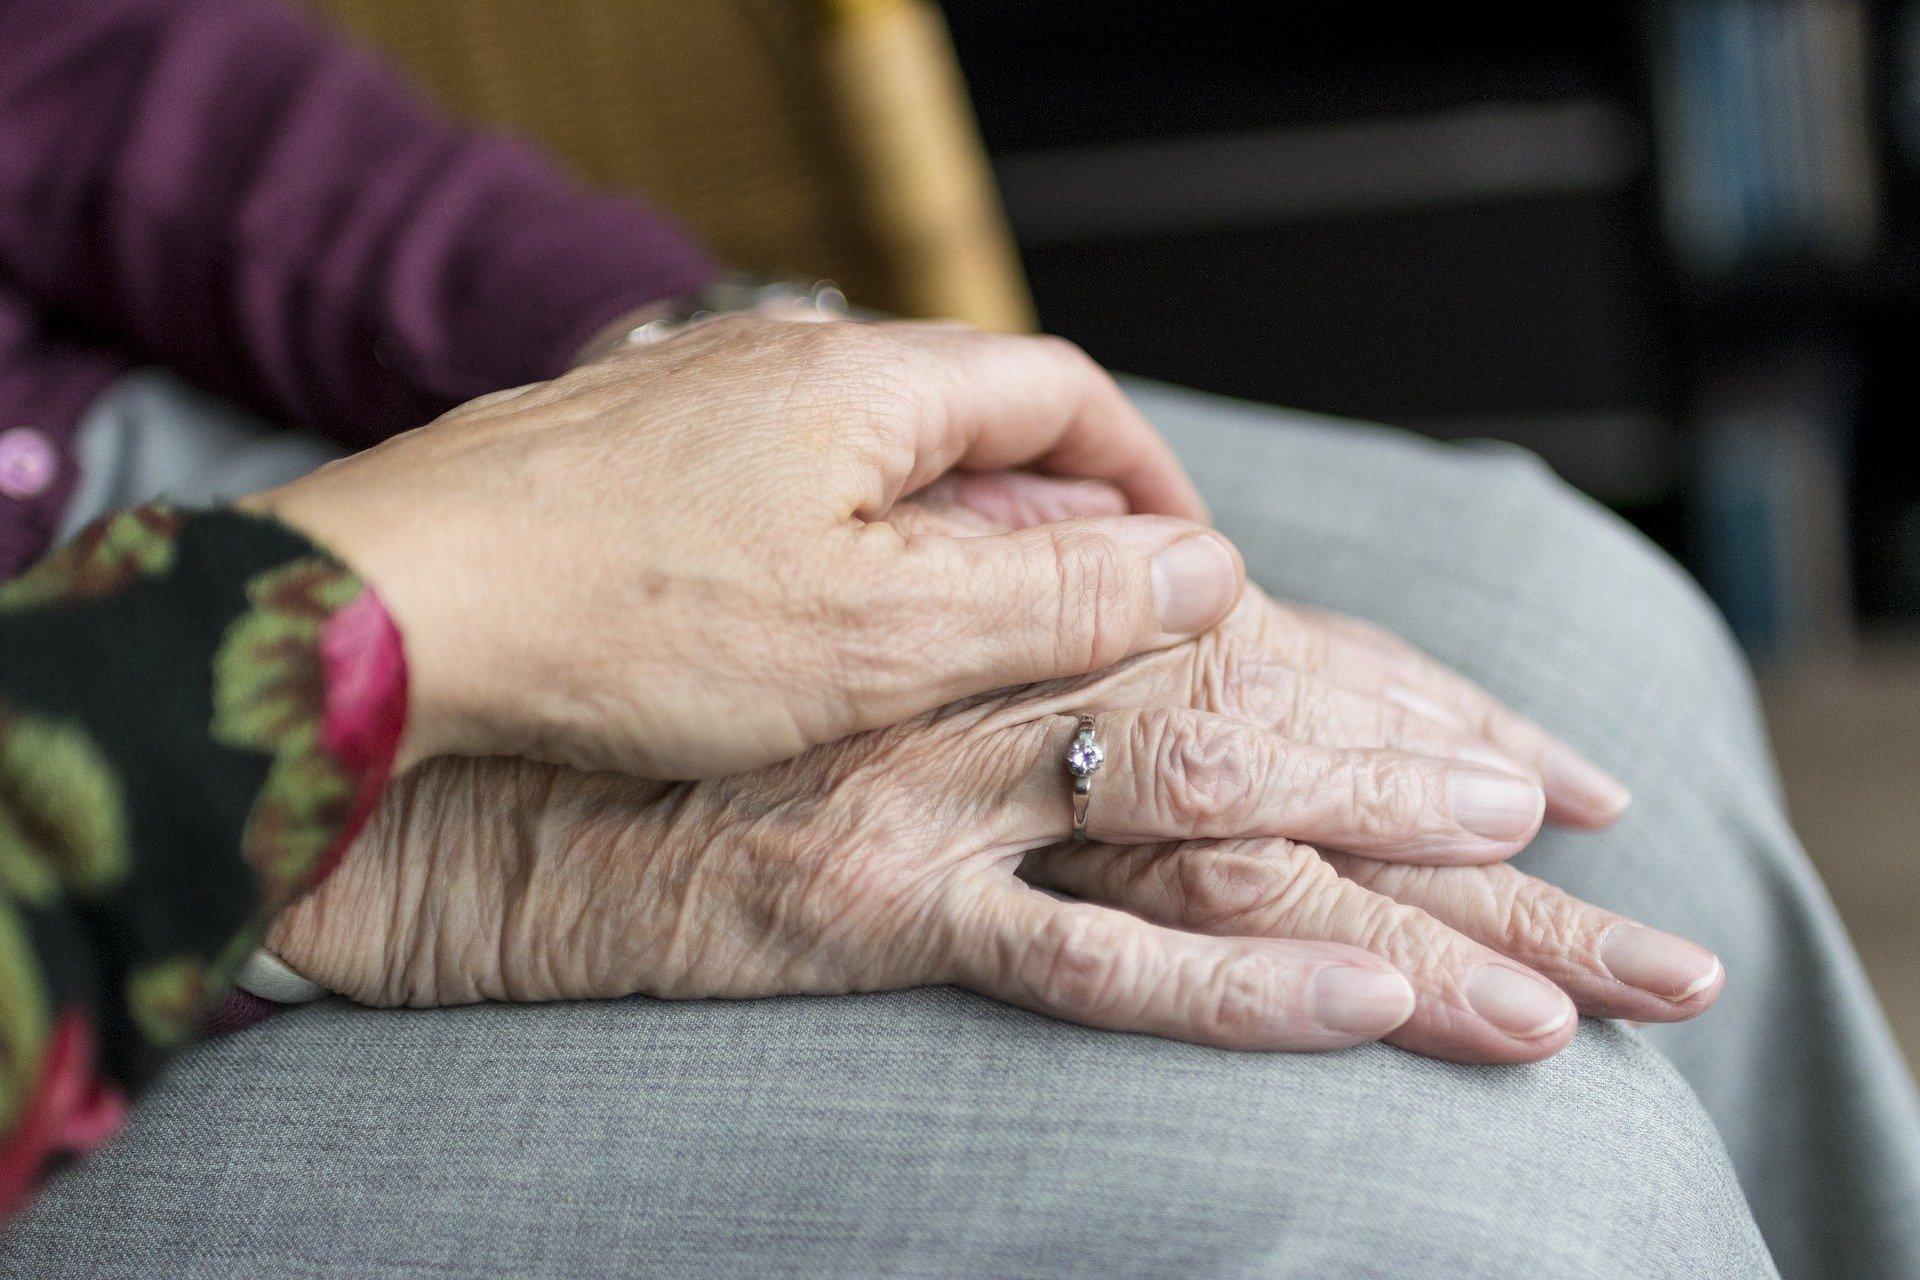 Denuncias a residencias de ancianos: ¿Cómo reclamar una negligencia?